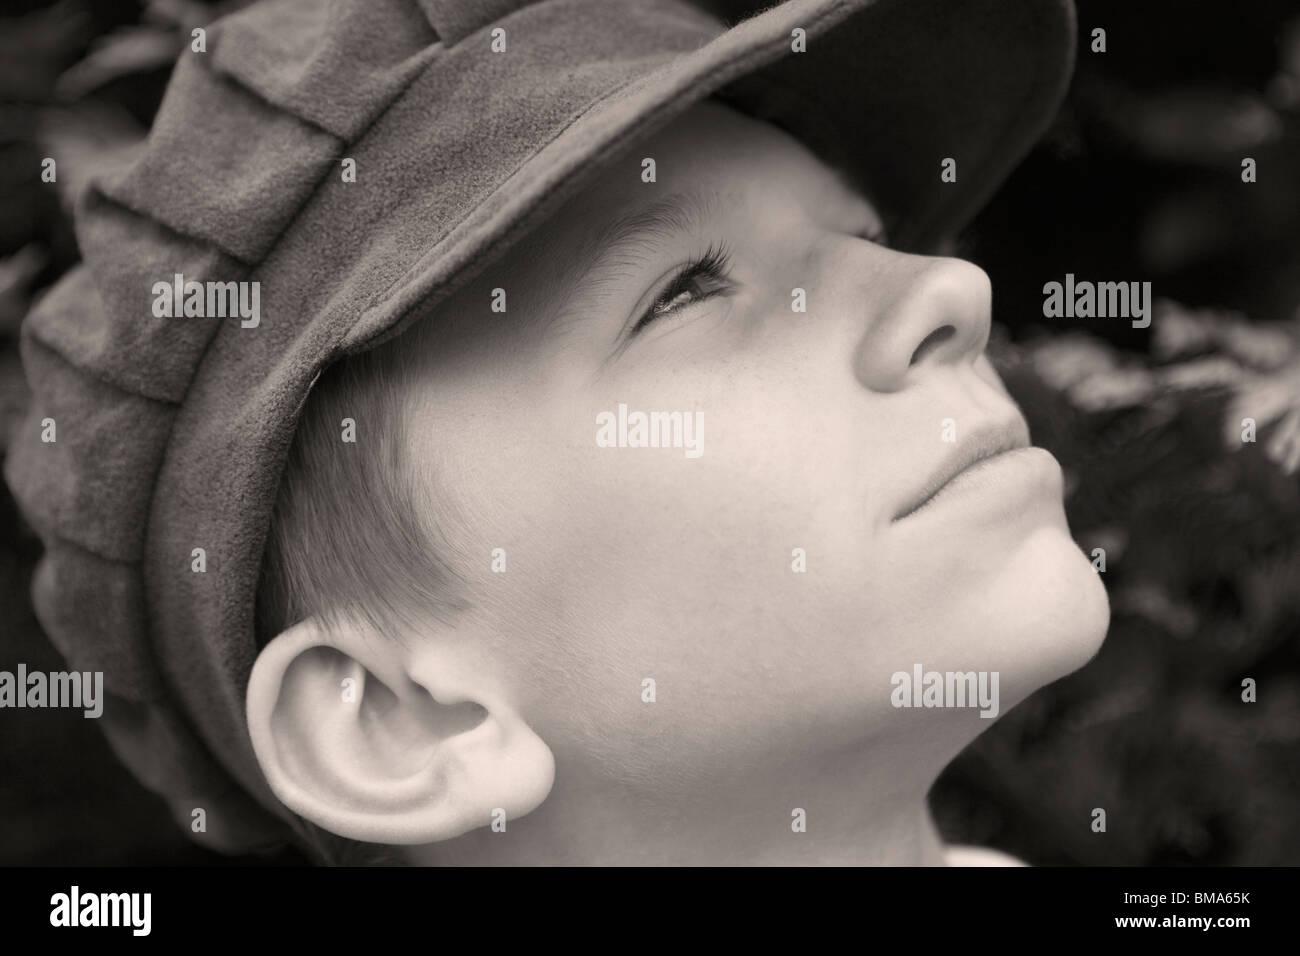 Kleiner Junge mit viktorianischer Kleidung _Old altmodische Tuch Mütze Stockfoto